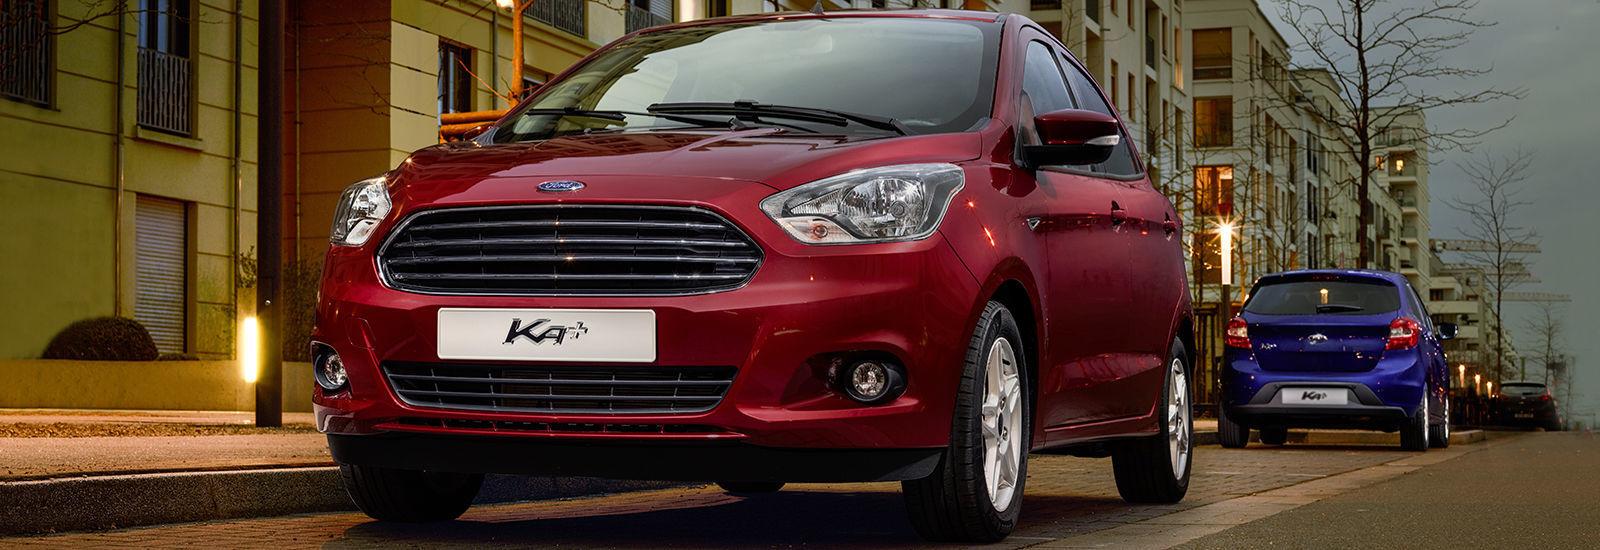 Quanto costa la Ford KA+: Costo a partire da...